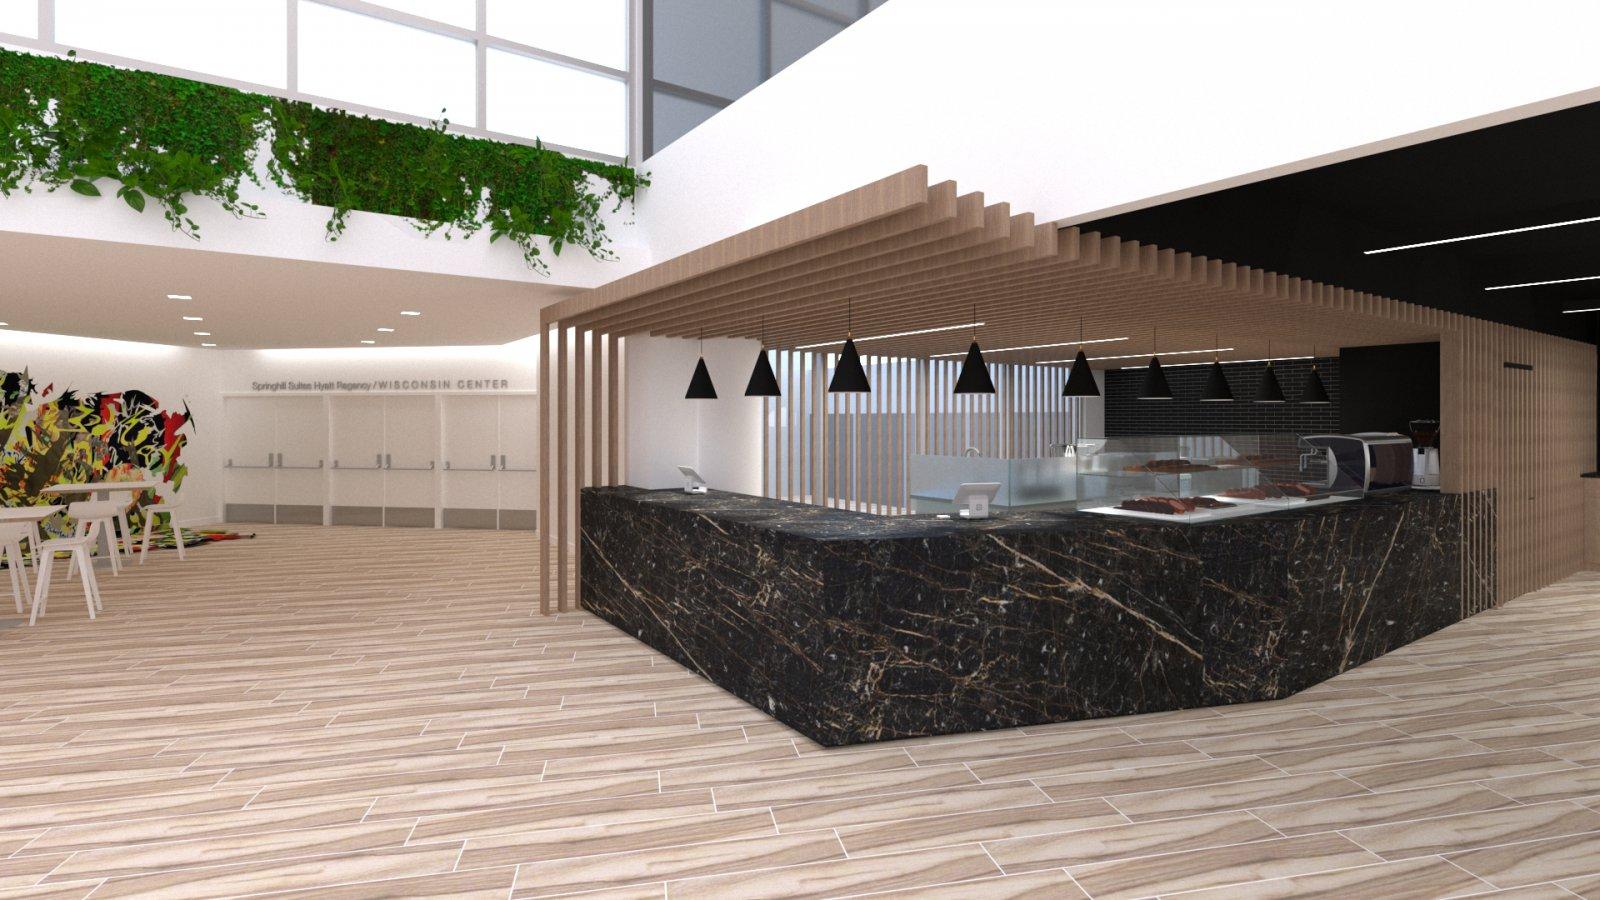 Mezzanine Cafe at 310W